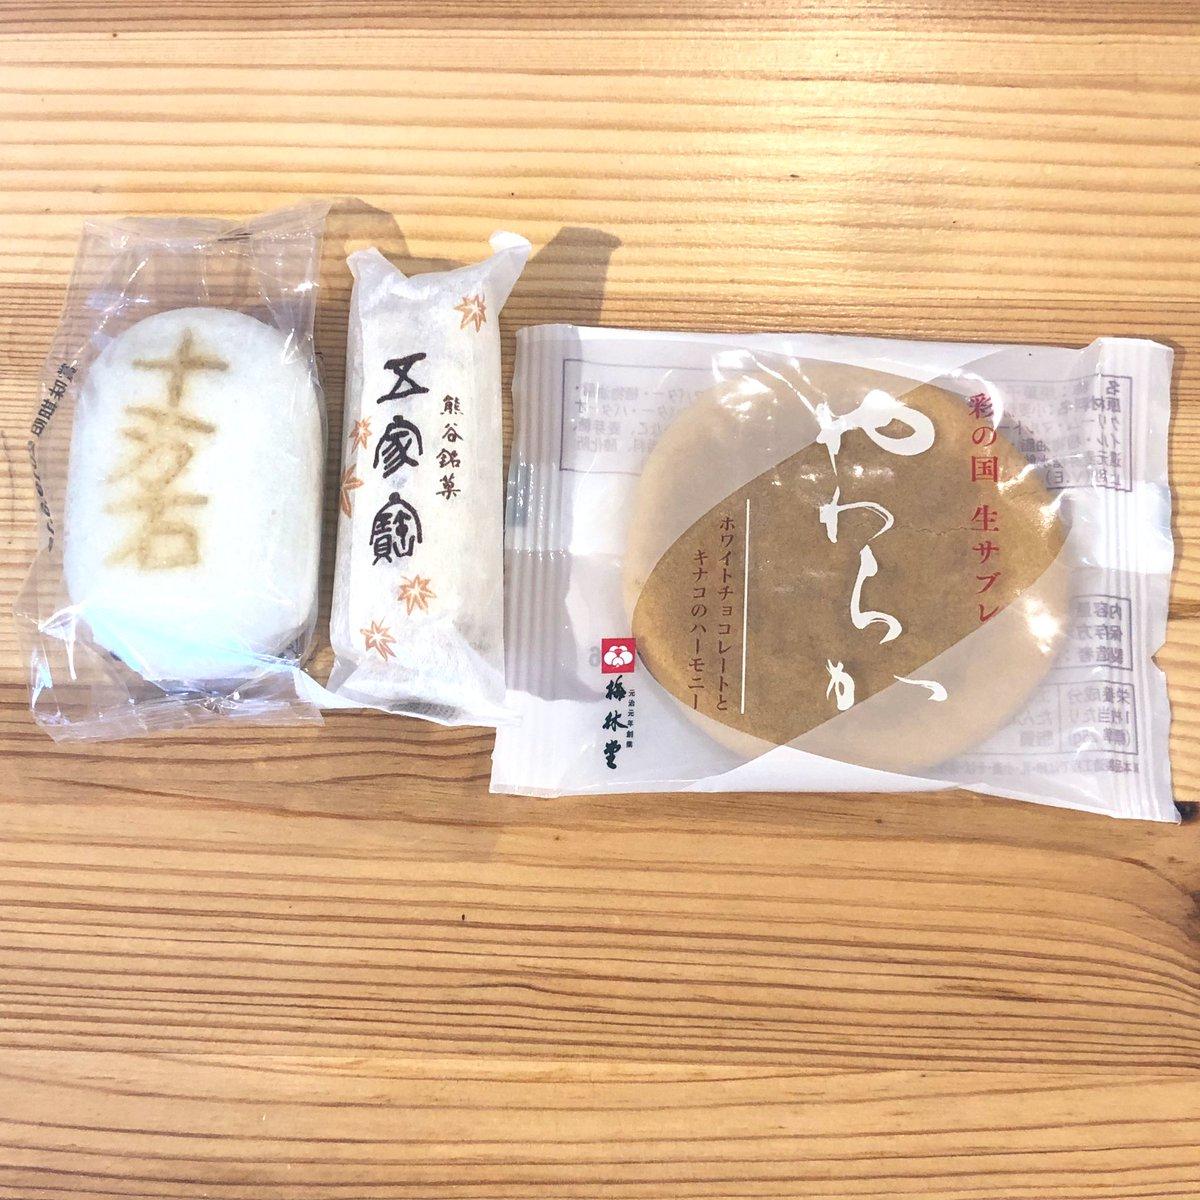 test ツイッターメディア - 埼玉銘菓が揃いました!  左から行田、熊谷、熊谷です。  ここに草加せんべいが入ったらビンゴ。 https://t.co/tzpJBJKZK3